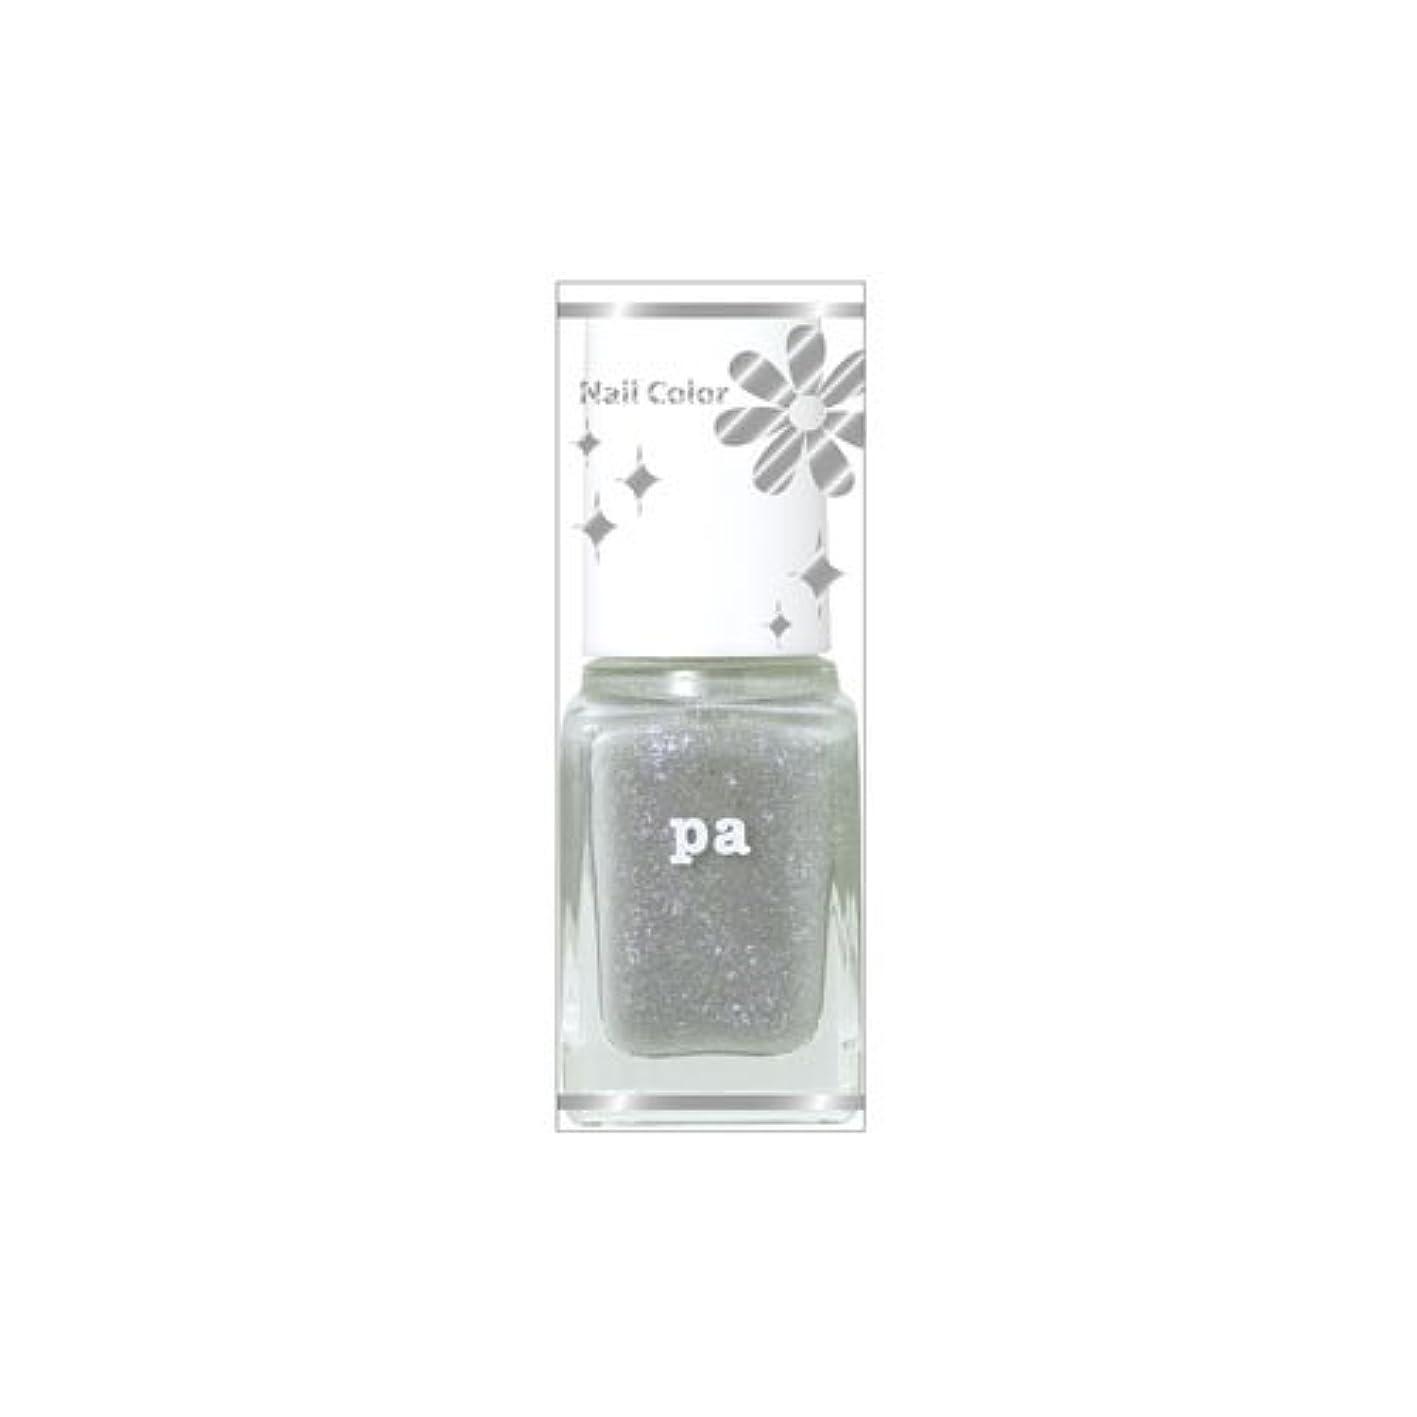 いつも補助香水pa ネイルカラープレミア AA200 (6mL)